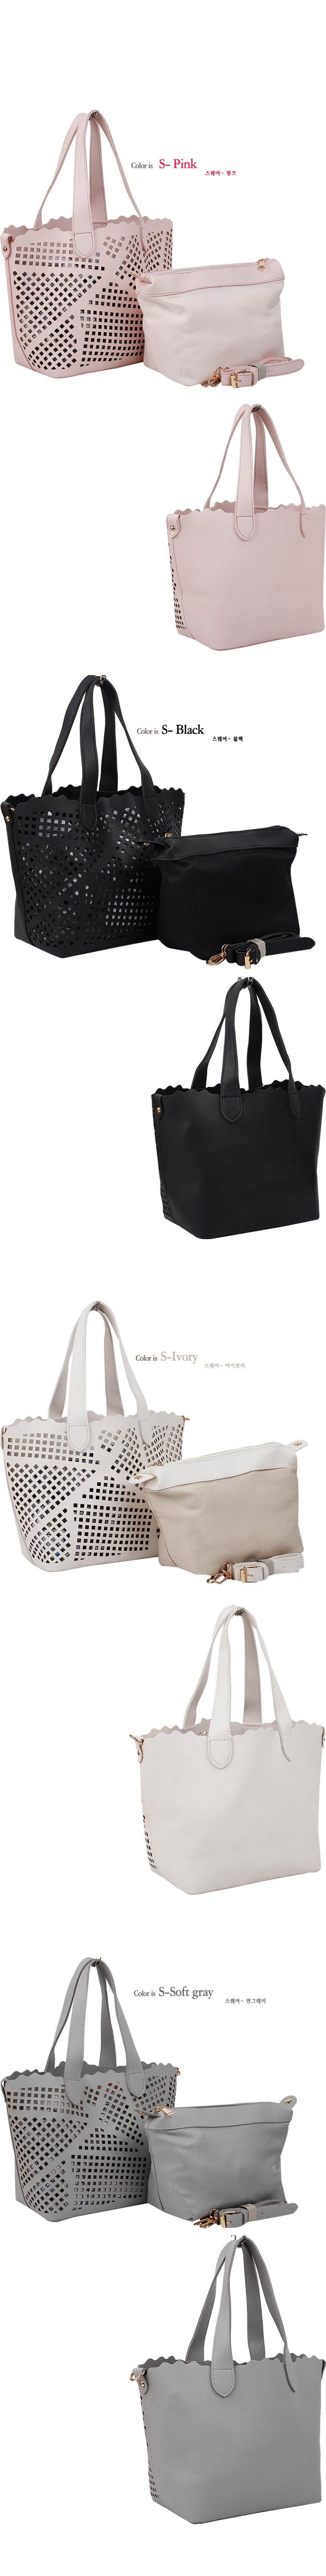 tote,handbag